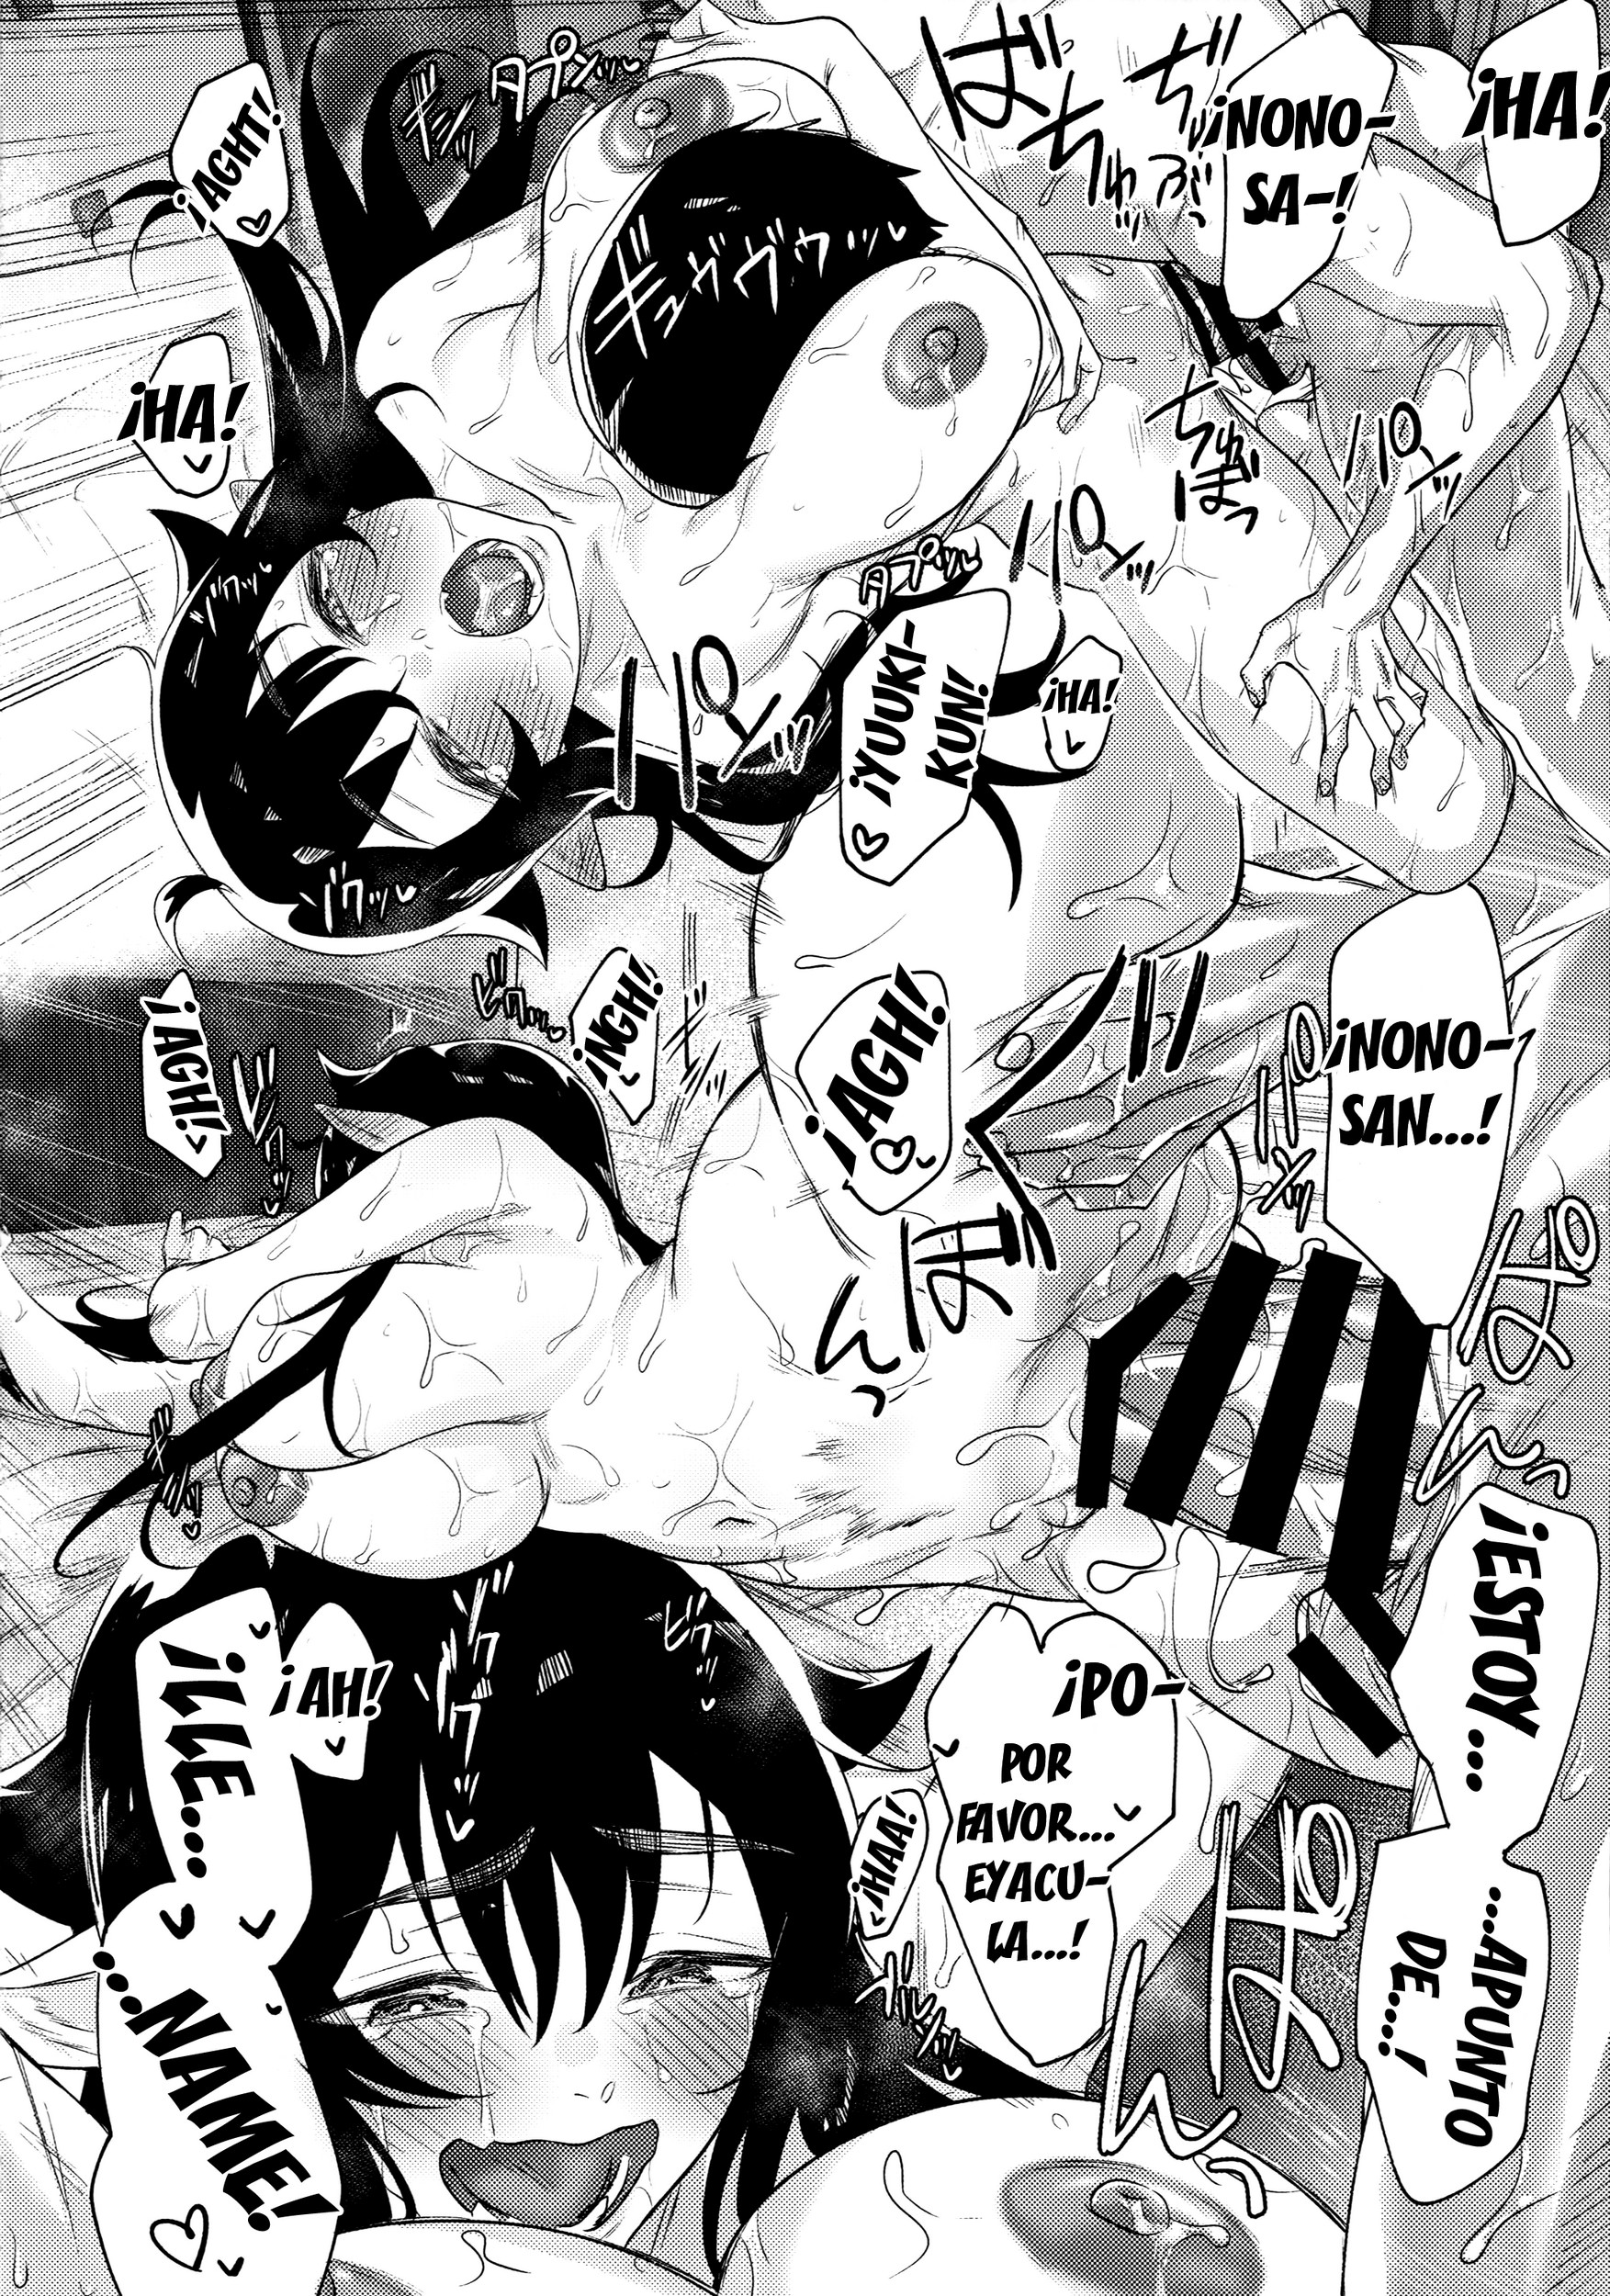 full color uncensored hentai